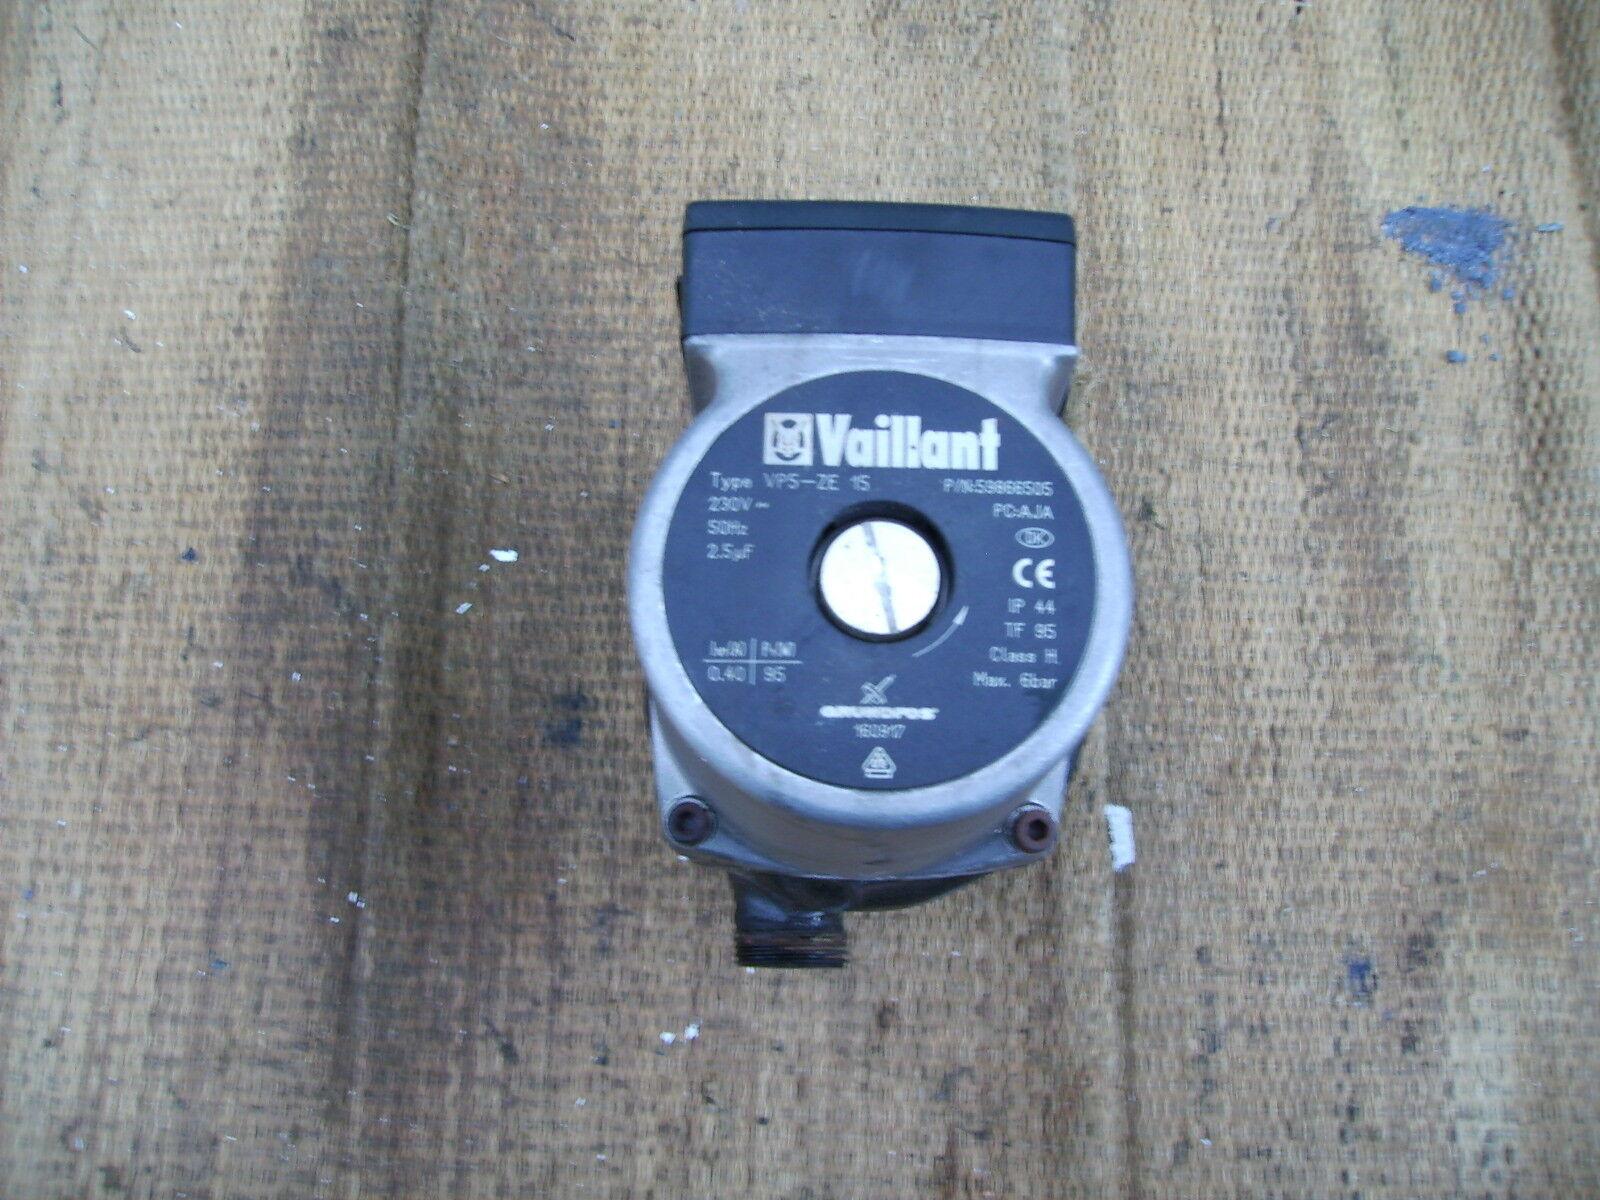 Grundfos 160917 Umwälzpumpe Heizungspumpe Vaillant Klassik Brennwert VC 246